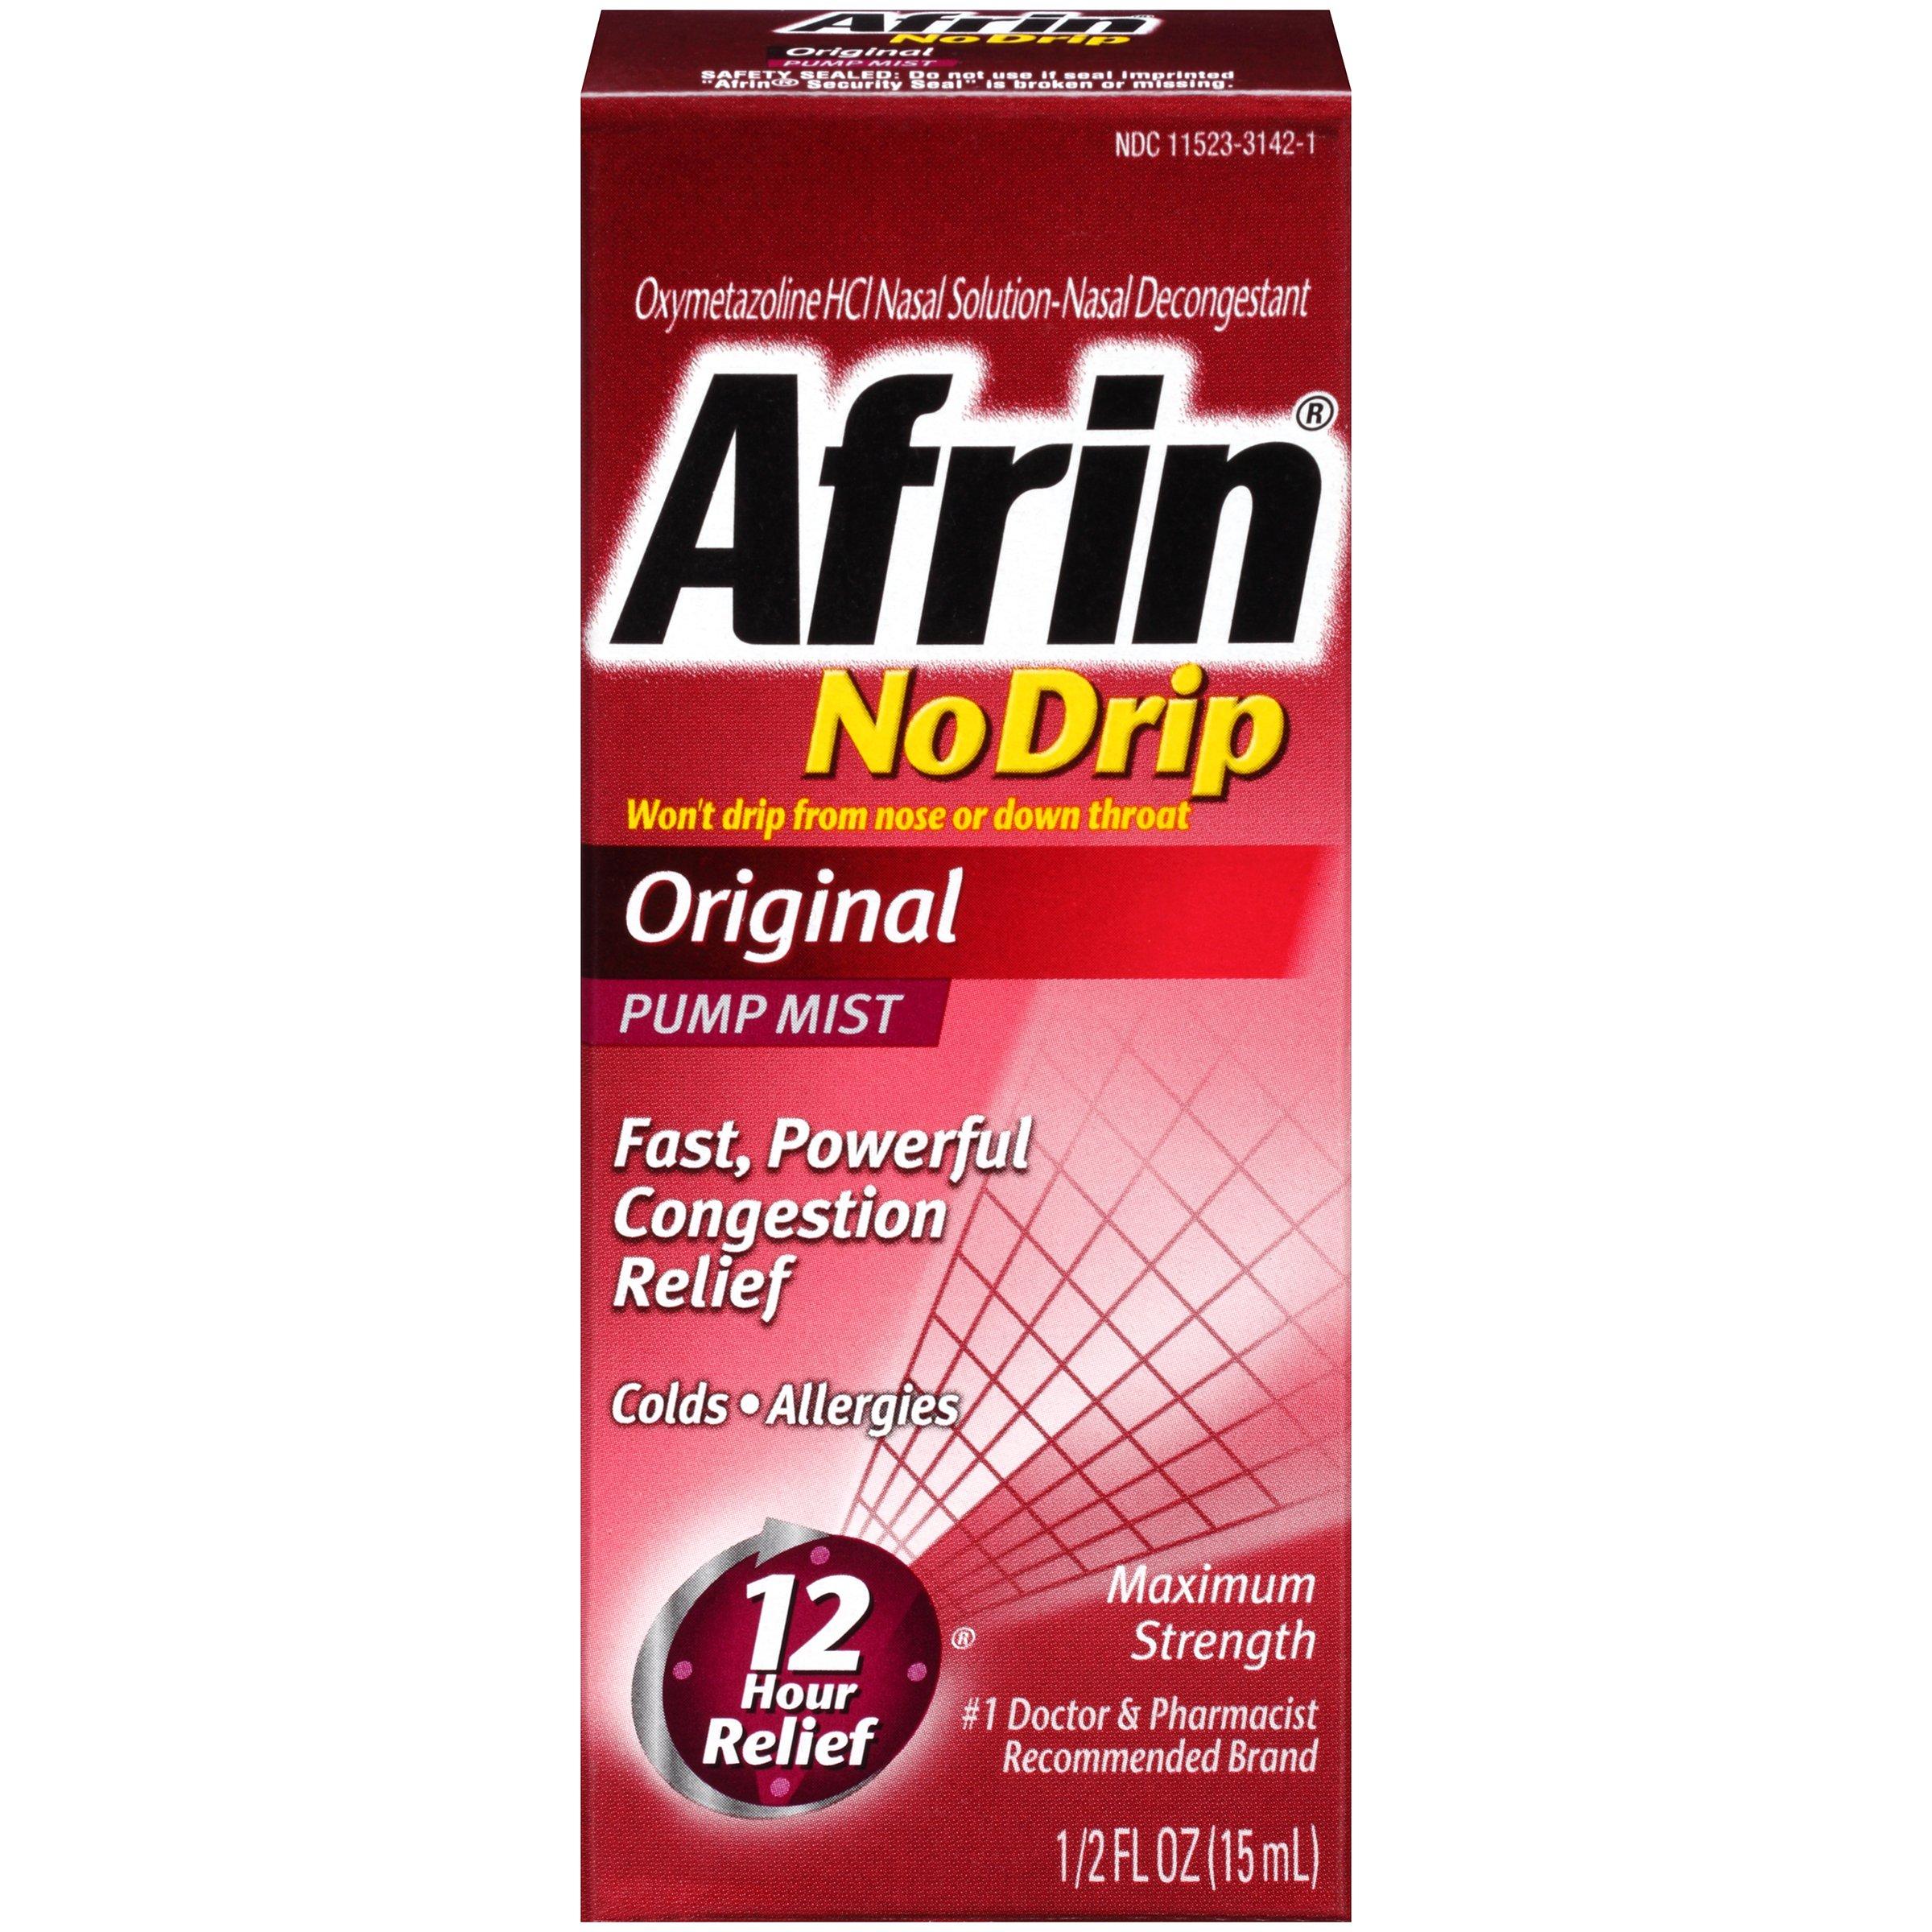 Afrin 12 Hour Nasal Decongestant Pump Mist, No Drip - .5 fl oz